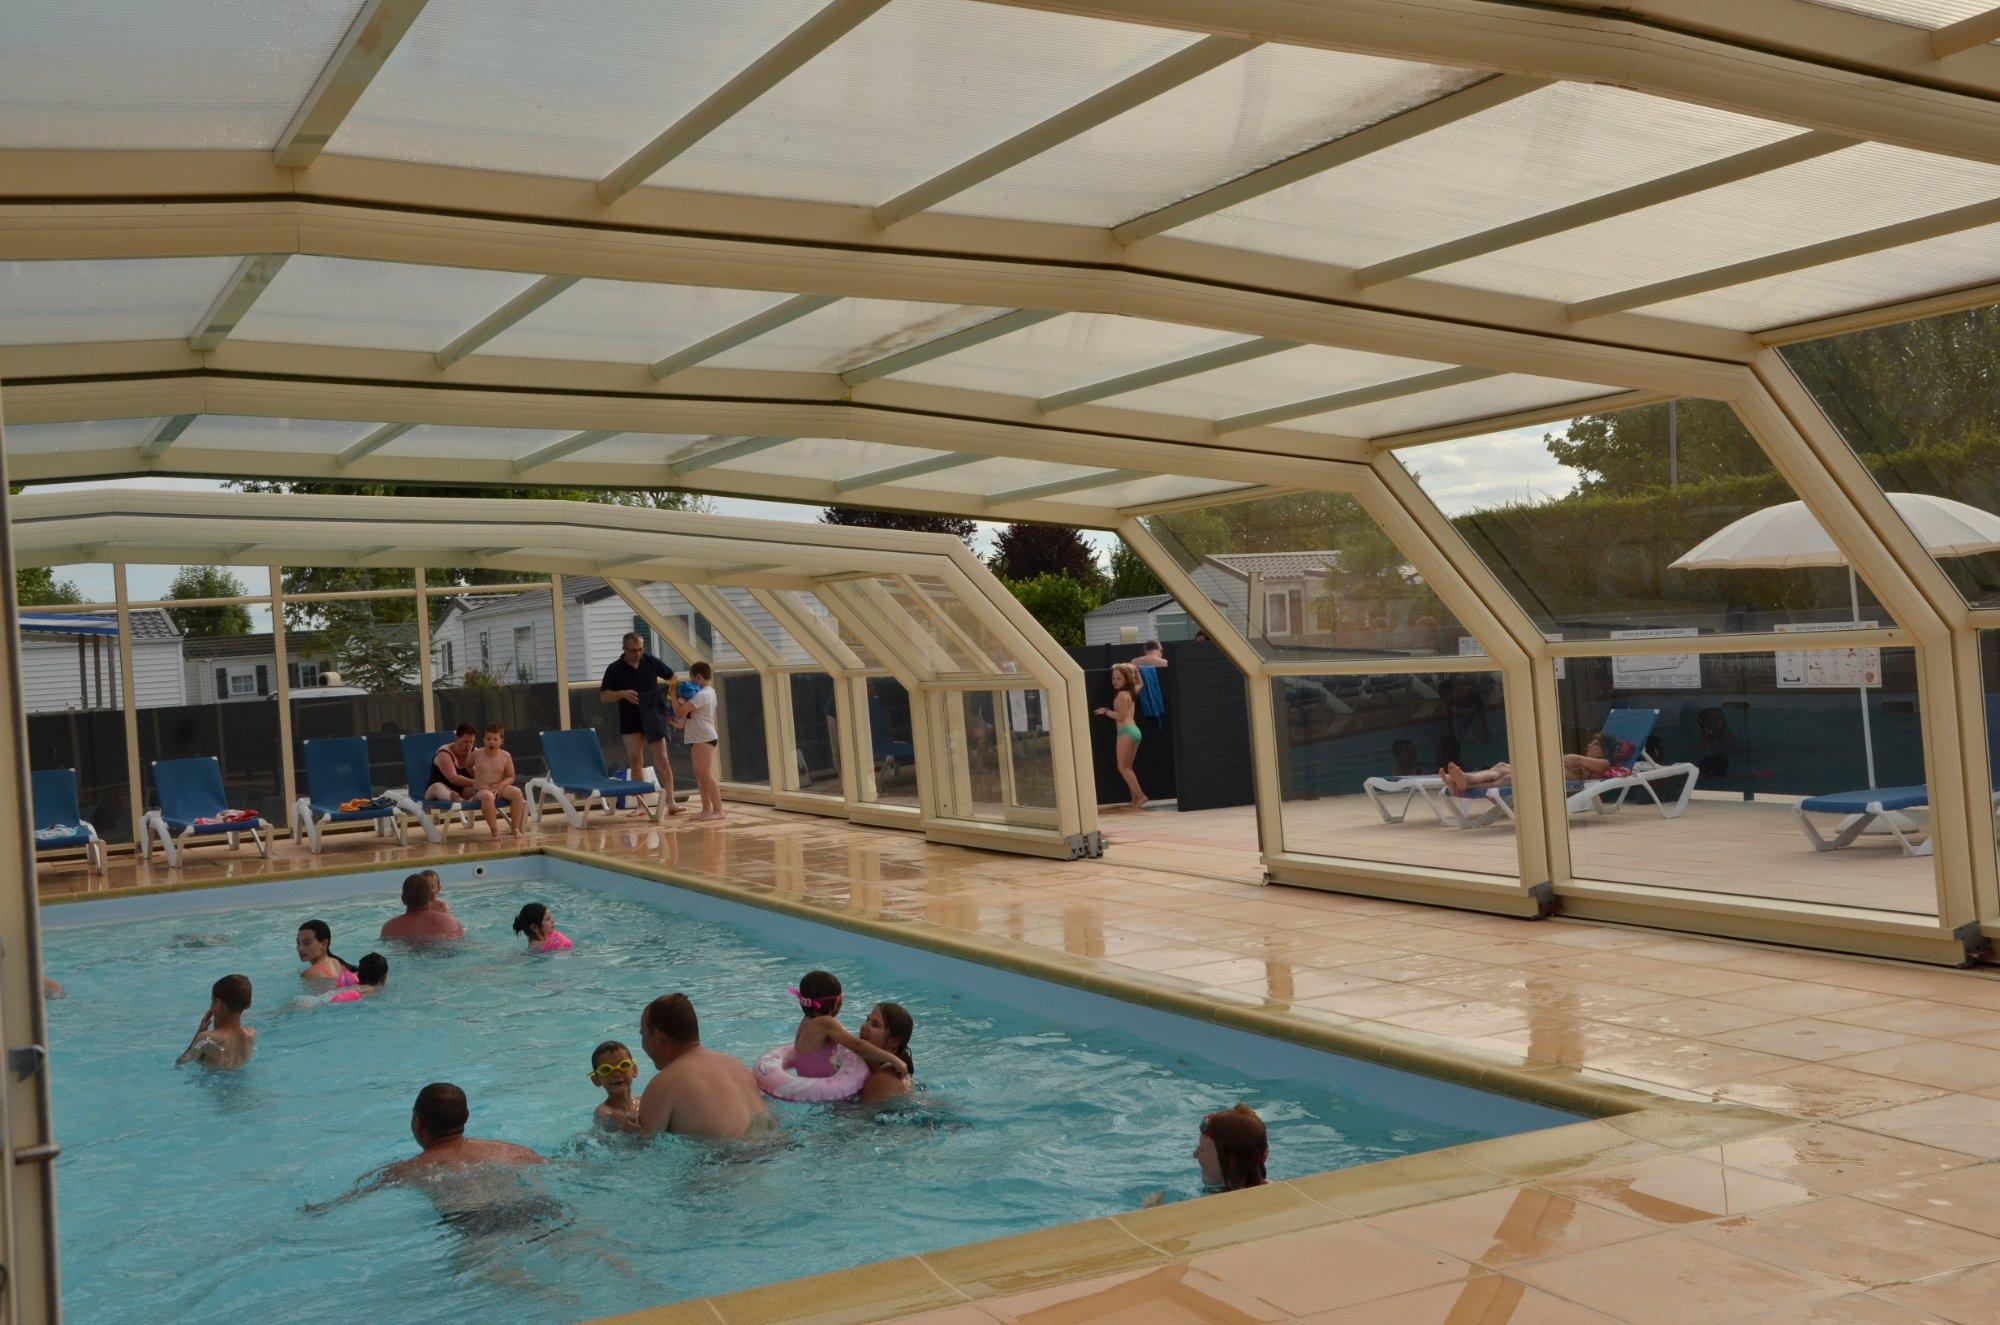 Camping le tenzor de la baie cherrueix ille et vilaine for Camping ille et vilaine piscine couverte